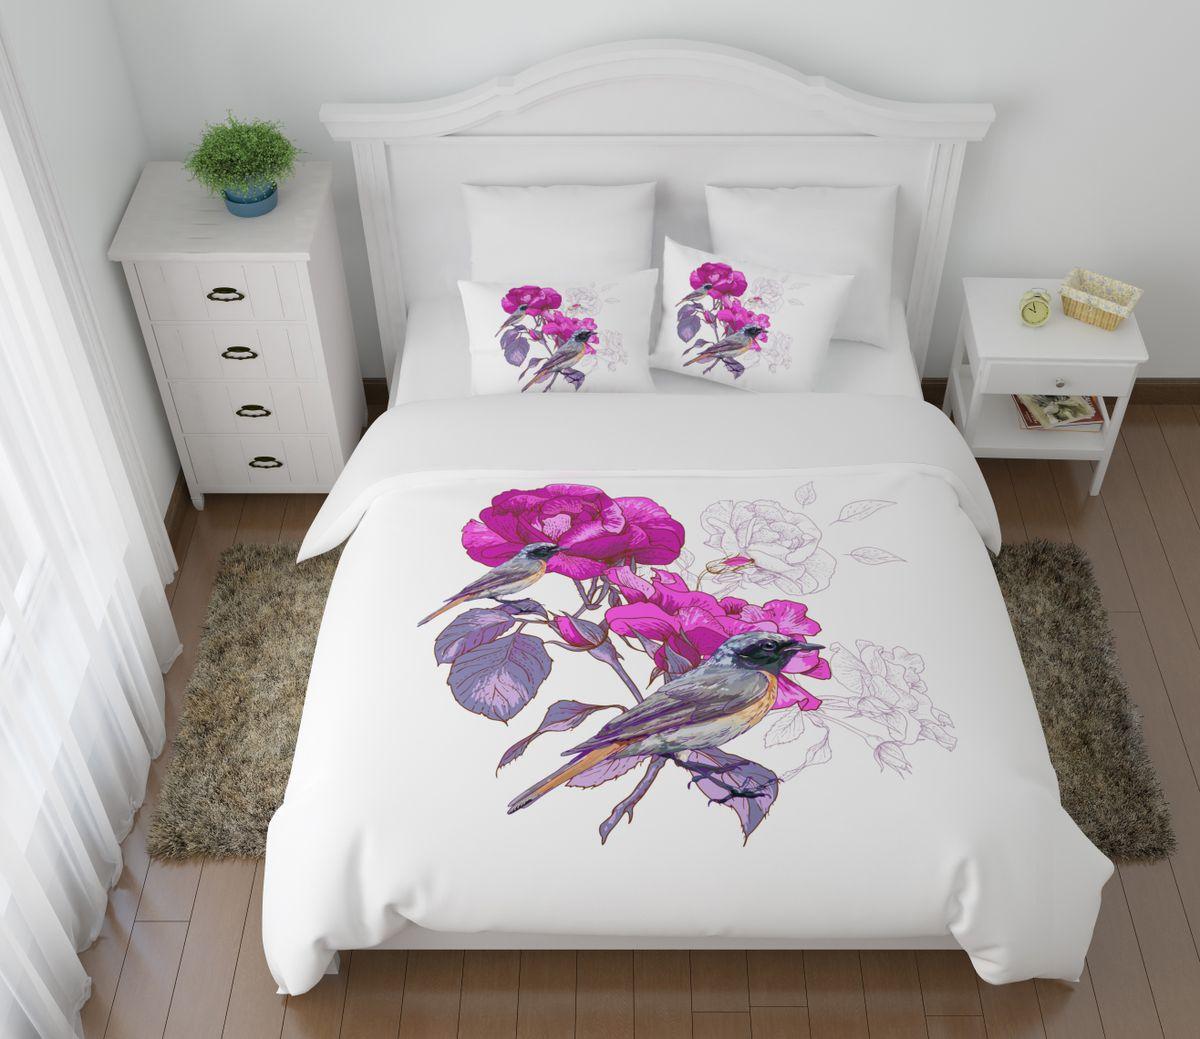 Комплект белья Сирень Вилюта, 2-спальный, наволочки 50х7030.07.31.0427Комплект постельного белья Сирень выполнен из прочной и мягкой ткани. Четкий и стильный рисунок в сочетании с насыщенными красками делают комплект постельного белья неповторимой изюминкой любого интерьера.Постельное белье идеально подойдет для подарка. Идеальное соотношение смешенной ткани и гипоаллергенных красок - это гарантия здорового, спокойного сна. Ткань хорошо впитывает влагу, надолго сохраняет яркость красок.В комплект входят: простыня, пододеяльник, две наволочки. Постельное белье легко стирать при 30-40°С, гладить при 150°С, не отбеливать. Рекомендуется перед первым использованием постирать.УВАЖАЕМЫЕ КЛИЕНТЫ! Обращаем ваше внимание, что цвет простыни, пододеяльника, наволочки в комплектации может немного отличаться от представленного на фото.